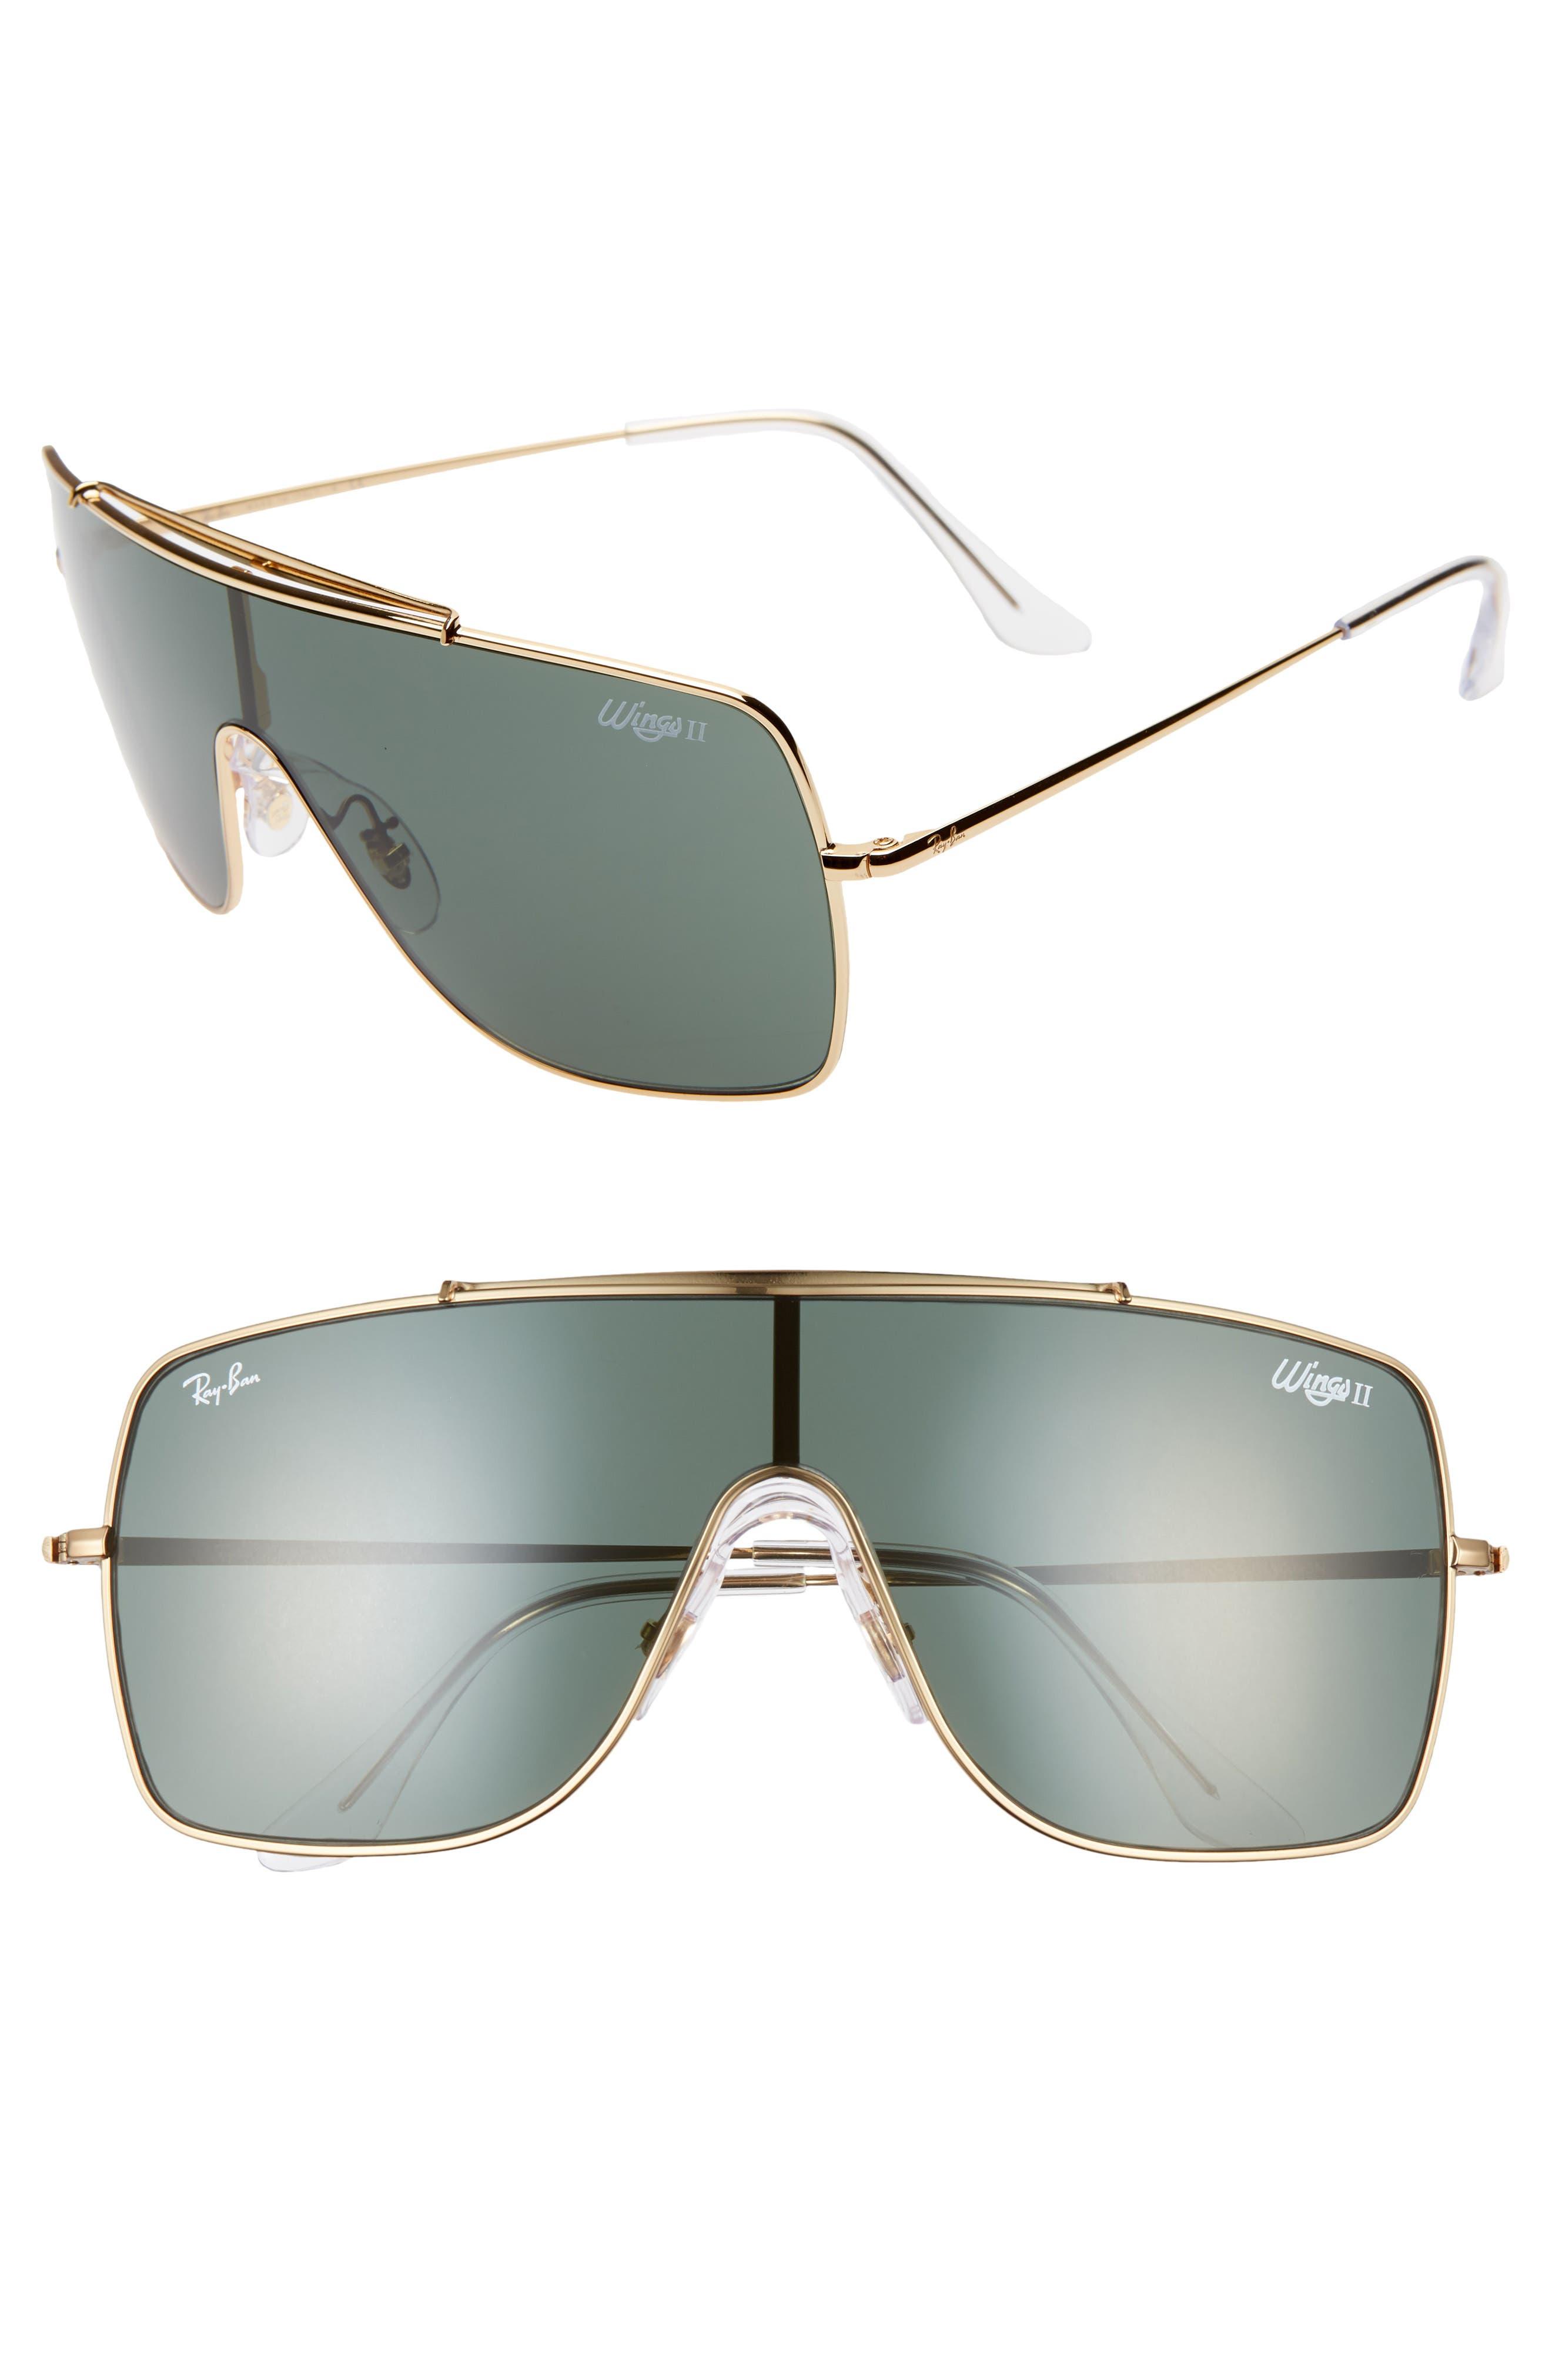 Ray-Ban 1 Shield Sunglasses - Gold